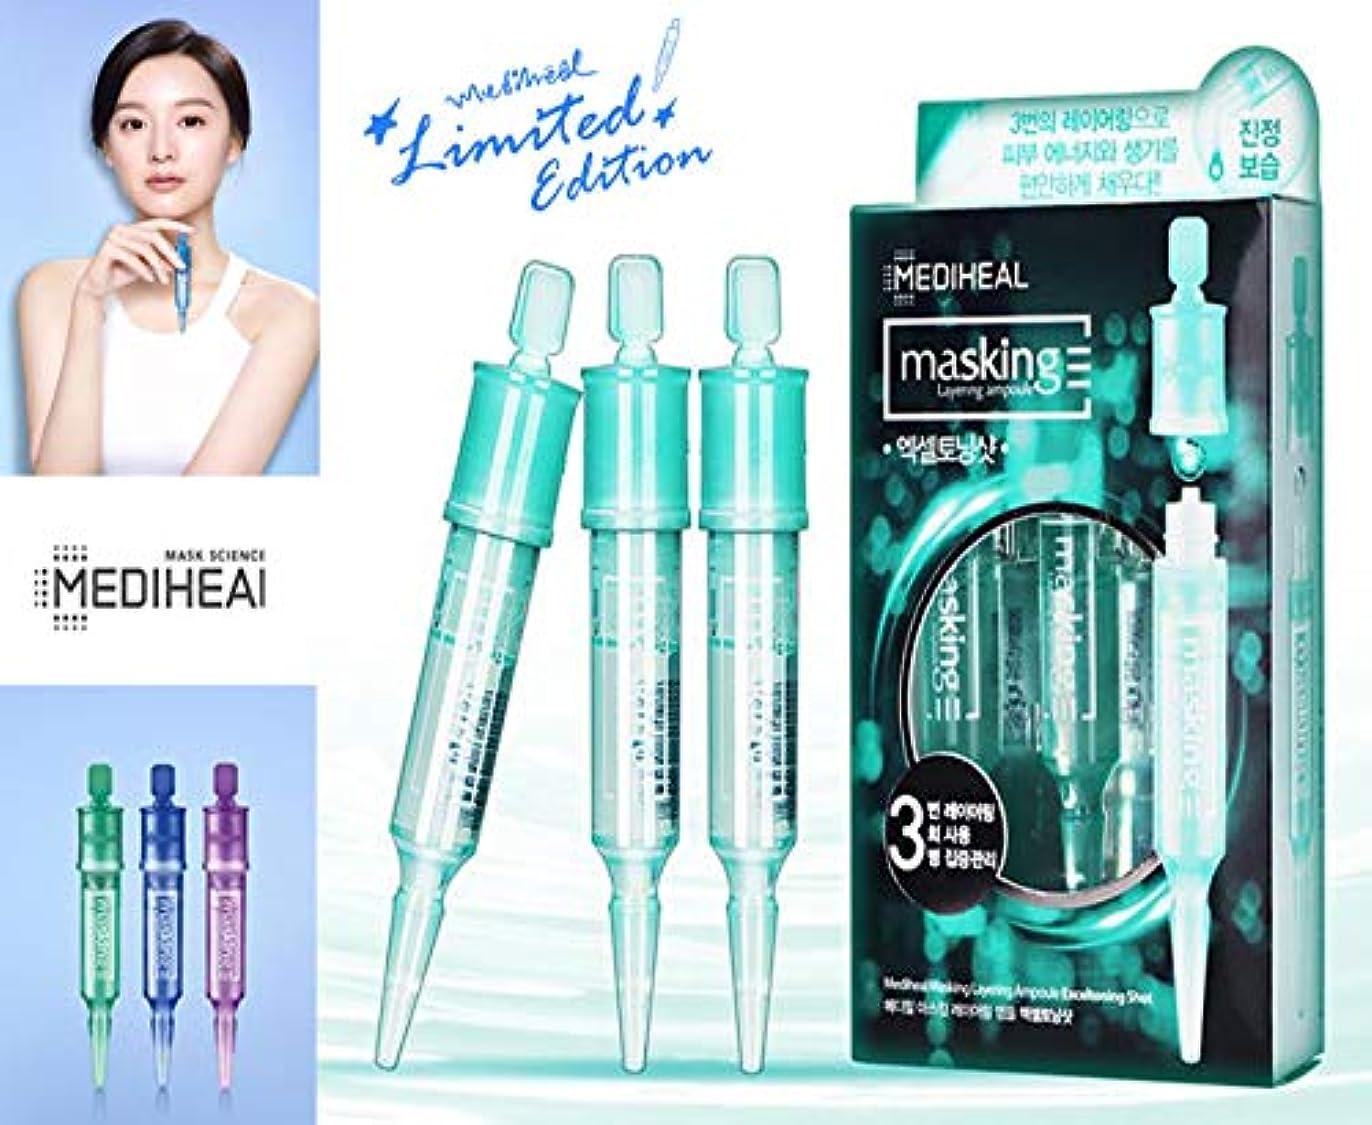 独創的添付あご[MEDIHEAL] マスキングレイヤリングアンプル4ml * 3ea (3BOX) / Masking Layering Ampoule 4ml*3ea / エクセルトーンショット/Exceltoning Shot/肌のエネルギー、グロス管理/Skin energy, gloss management/韓国化粧品/Korean Cosmetics [並行輸入品]